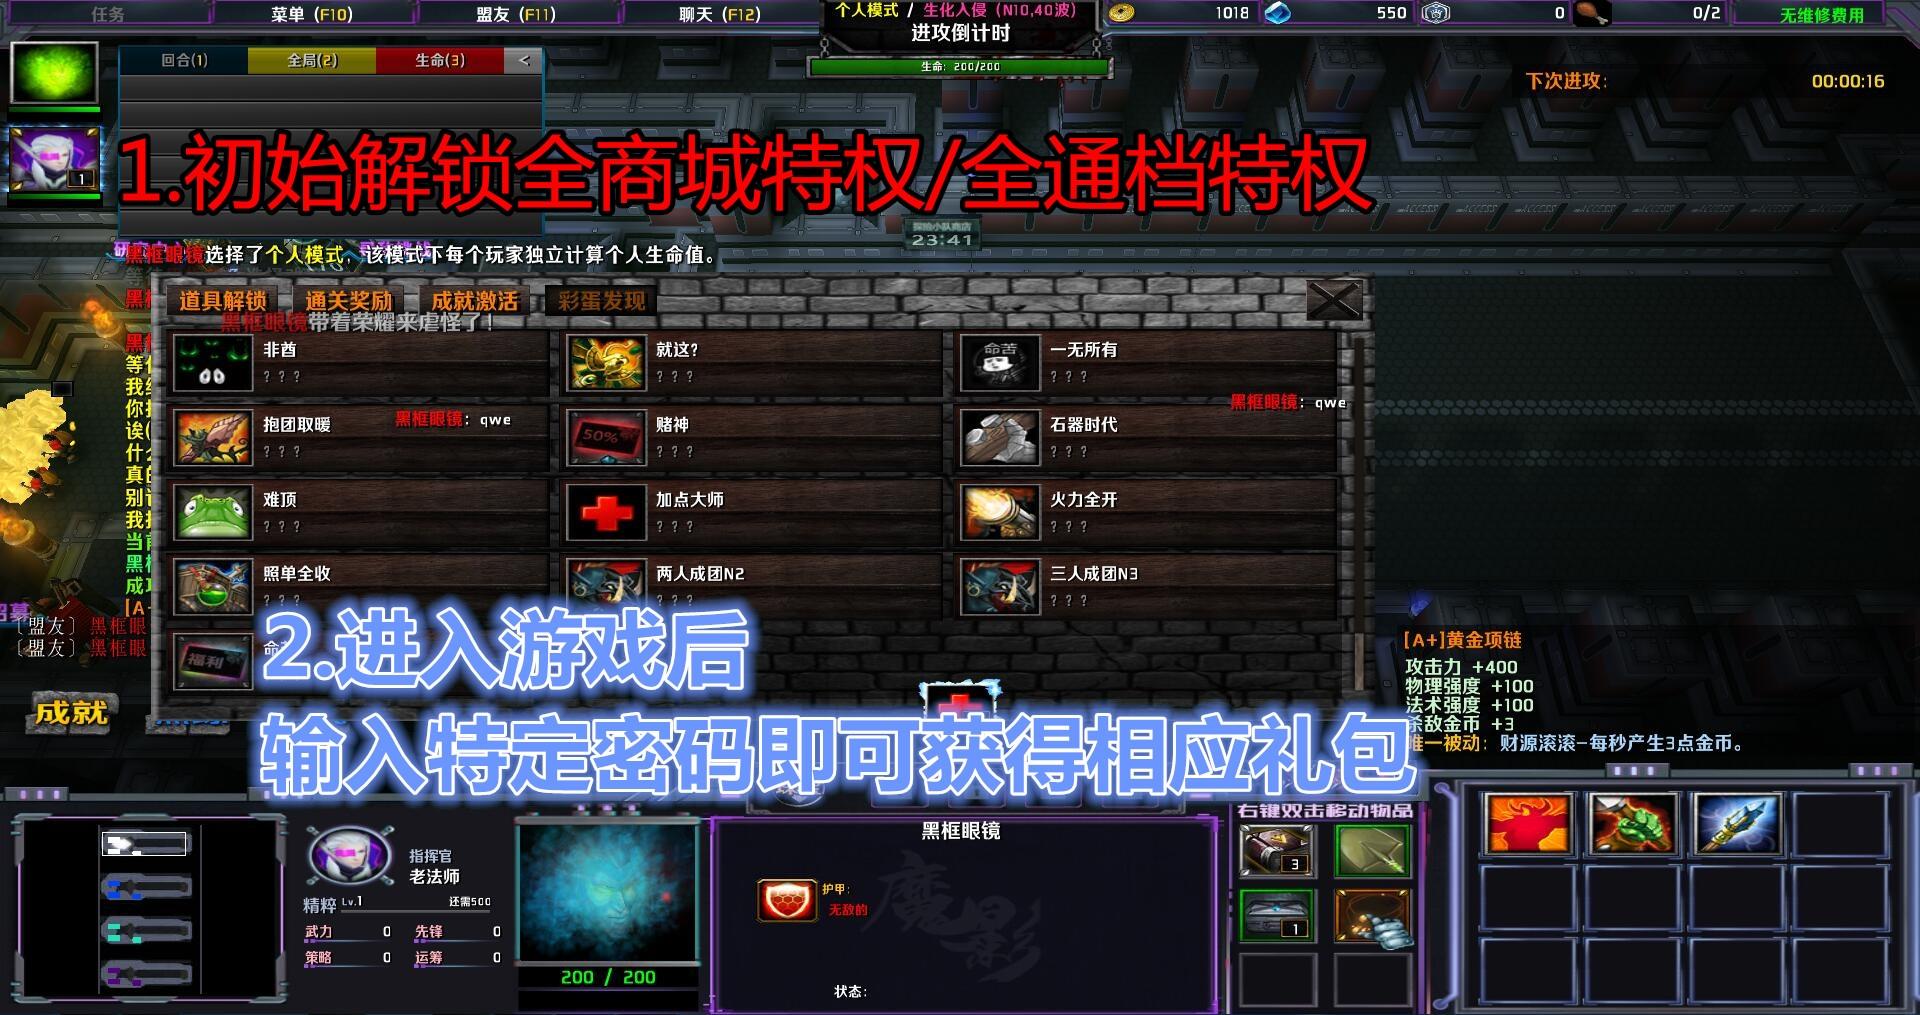 末日要塞1.8.5黑式破解版